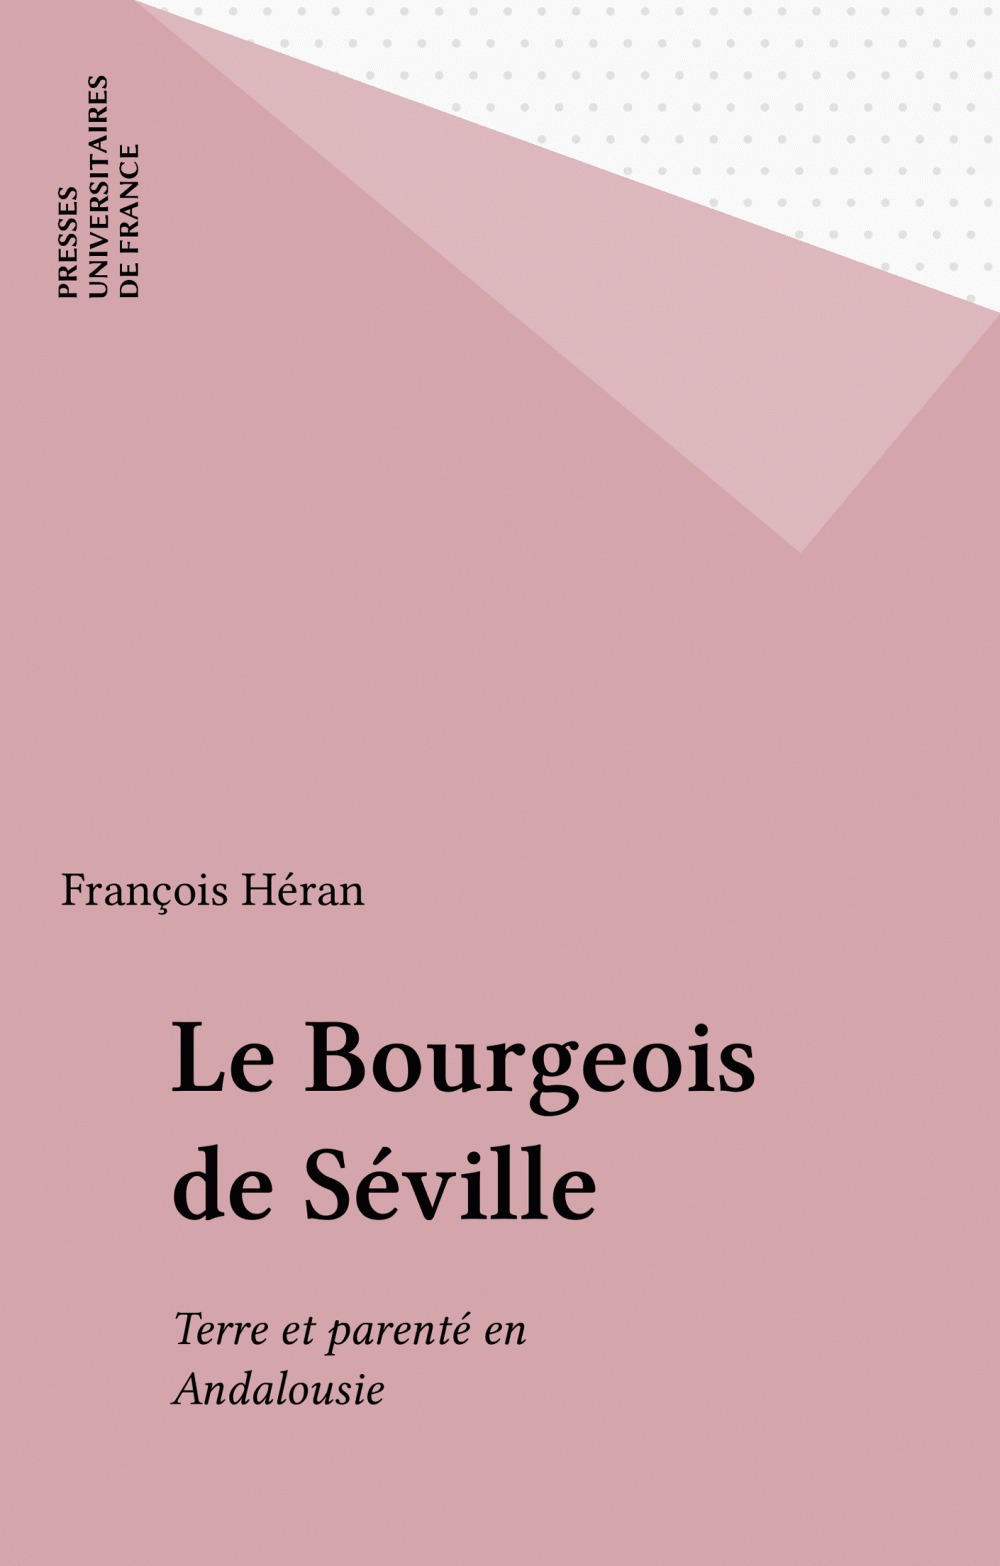 Le bourgeois de seville. terre et parente en andalousie